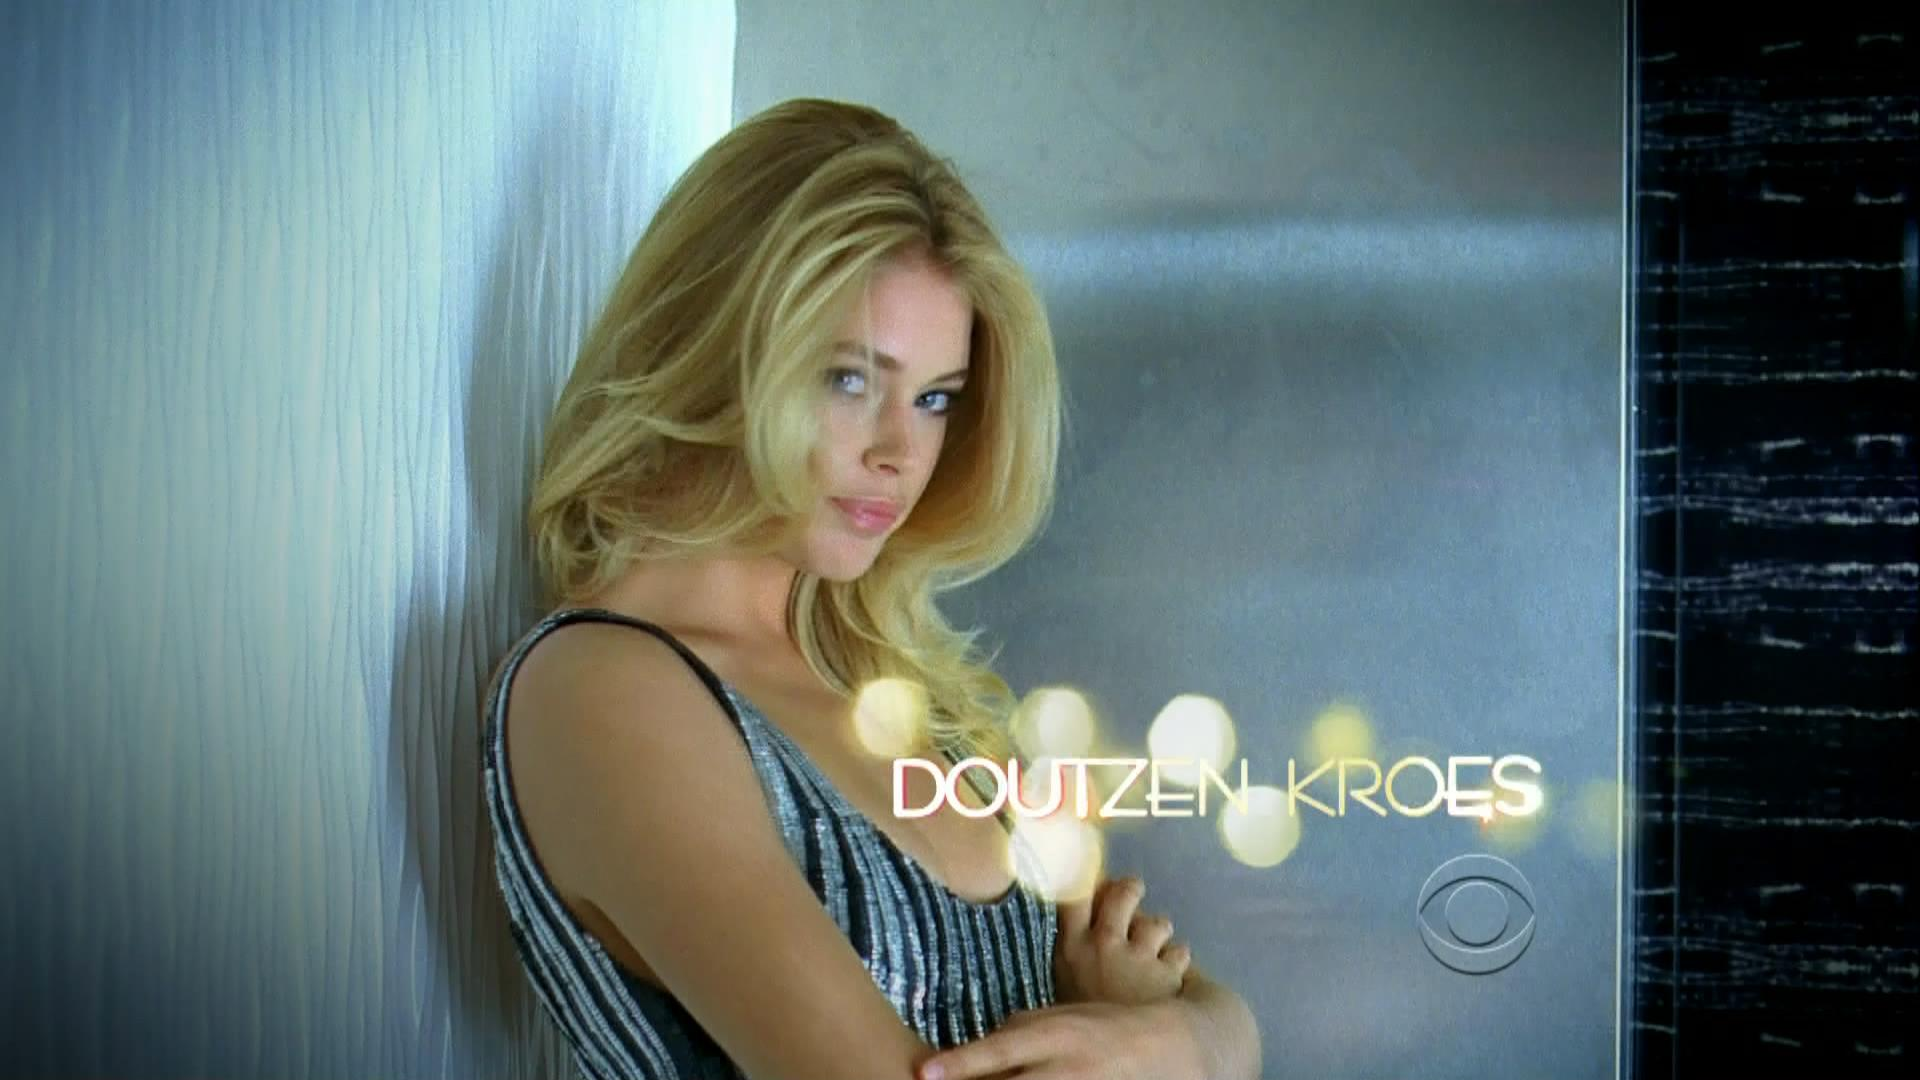 Doutzen Kroes Fashion Model HD Picture 5